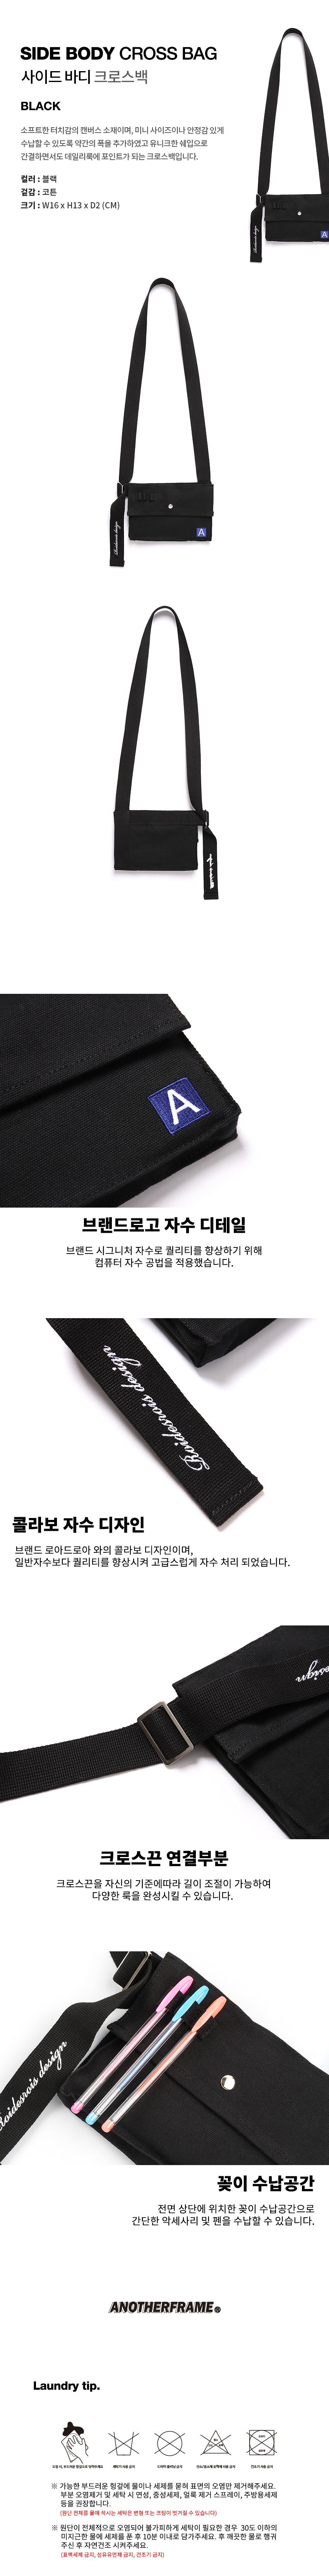 [어나더프레임X로아드로아] SIDE BODY CROSS BAG (BLACK)